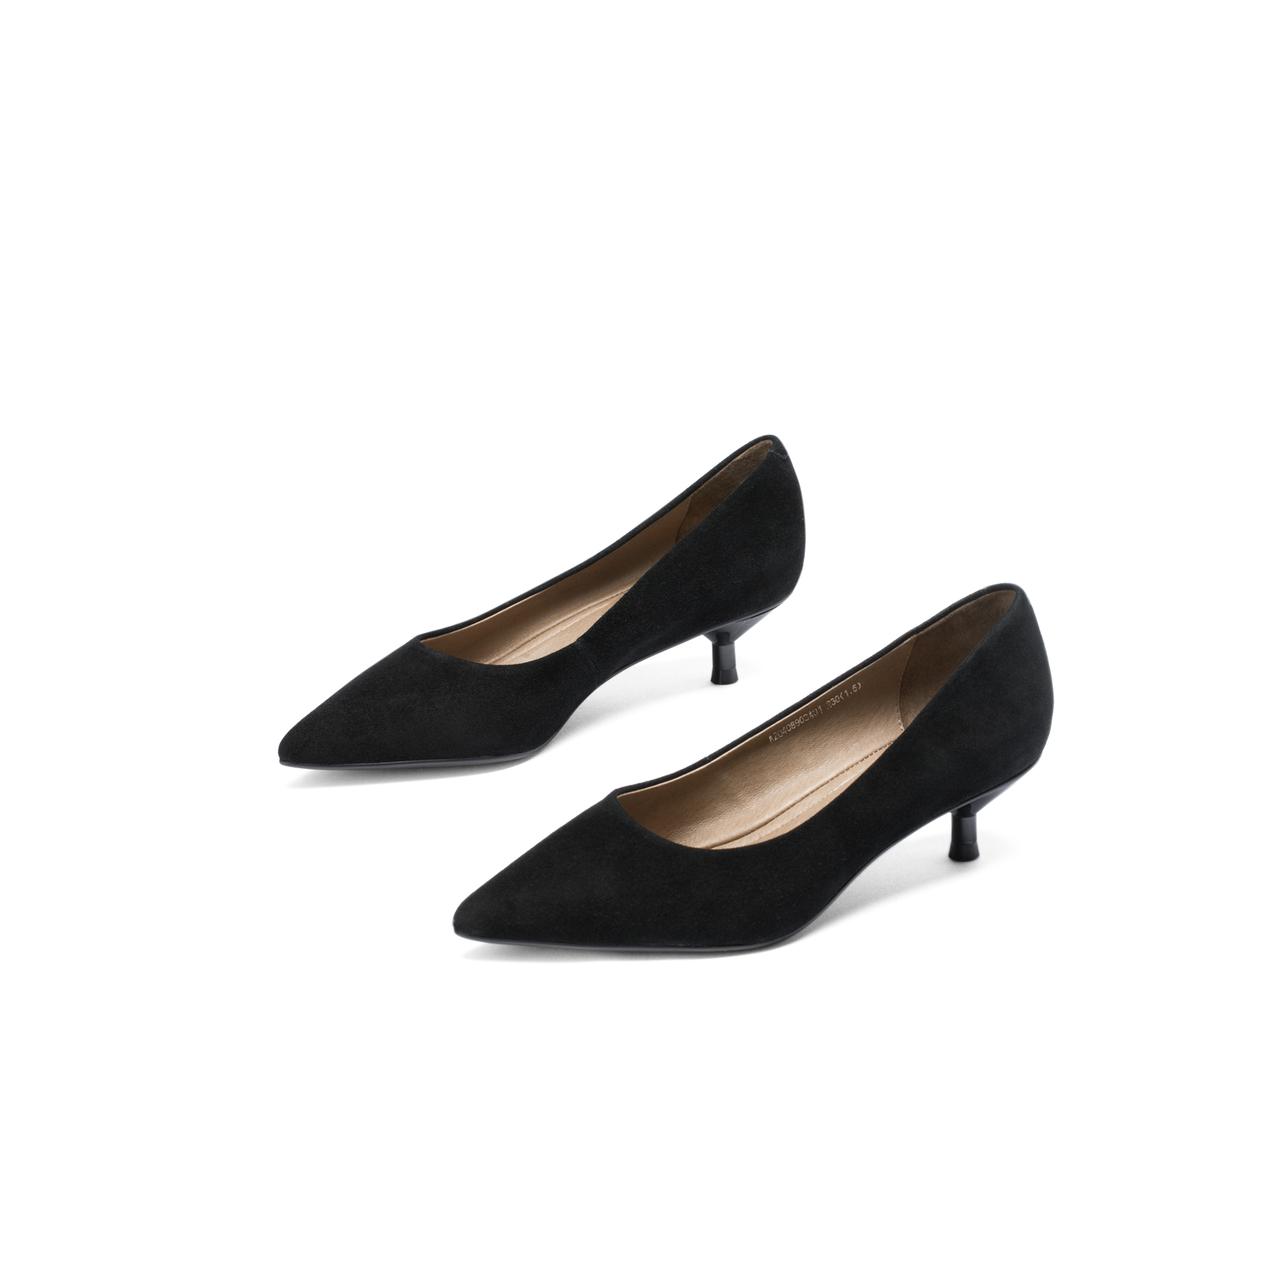 千百度新款猫跟女鞋绒面职业休闲高跟鞋上班浅口尖头单鞋